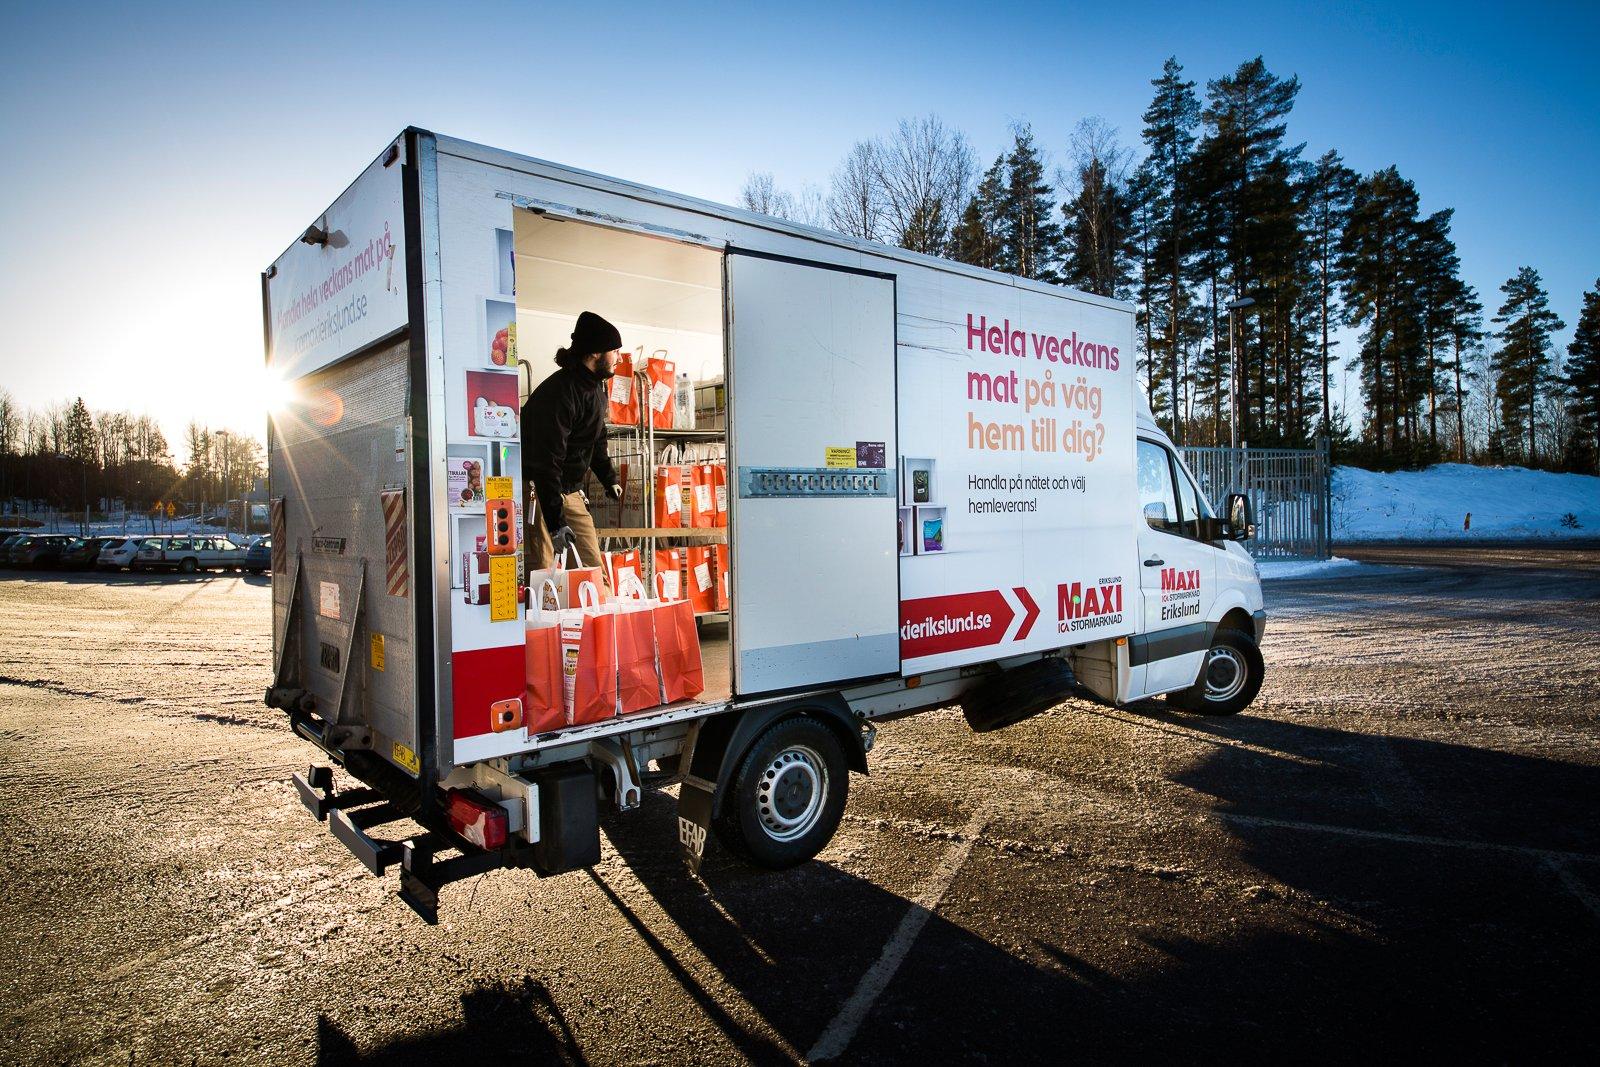 En sidodörr gör det lätt att hoppa ut och leverera kassar hos kunderna. Bakgavelliften lyfter upp burarna med kassar, varje påse är försedd med en orderlapp.